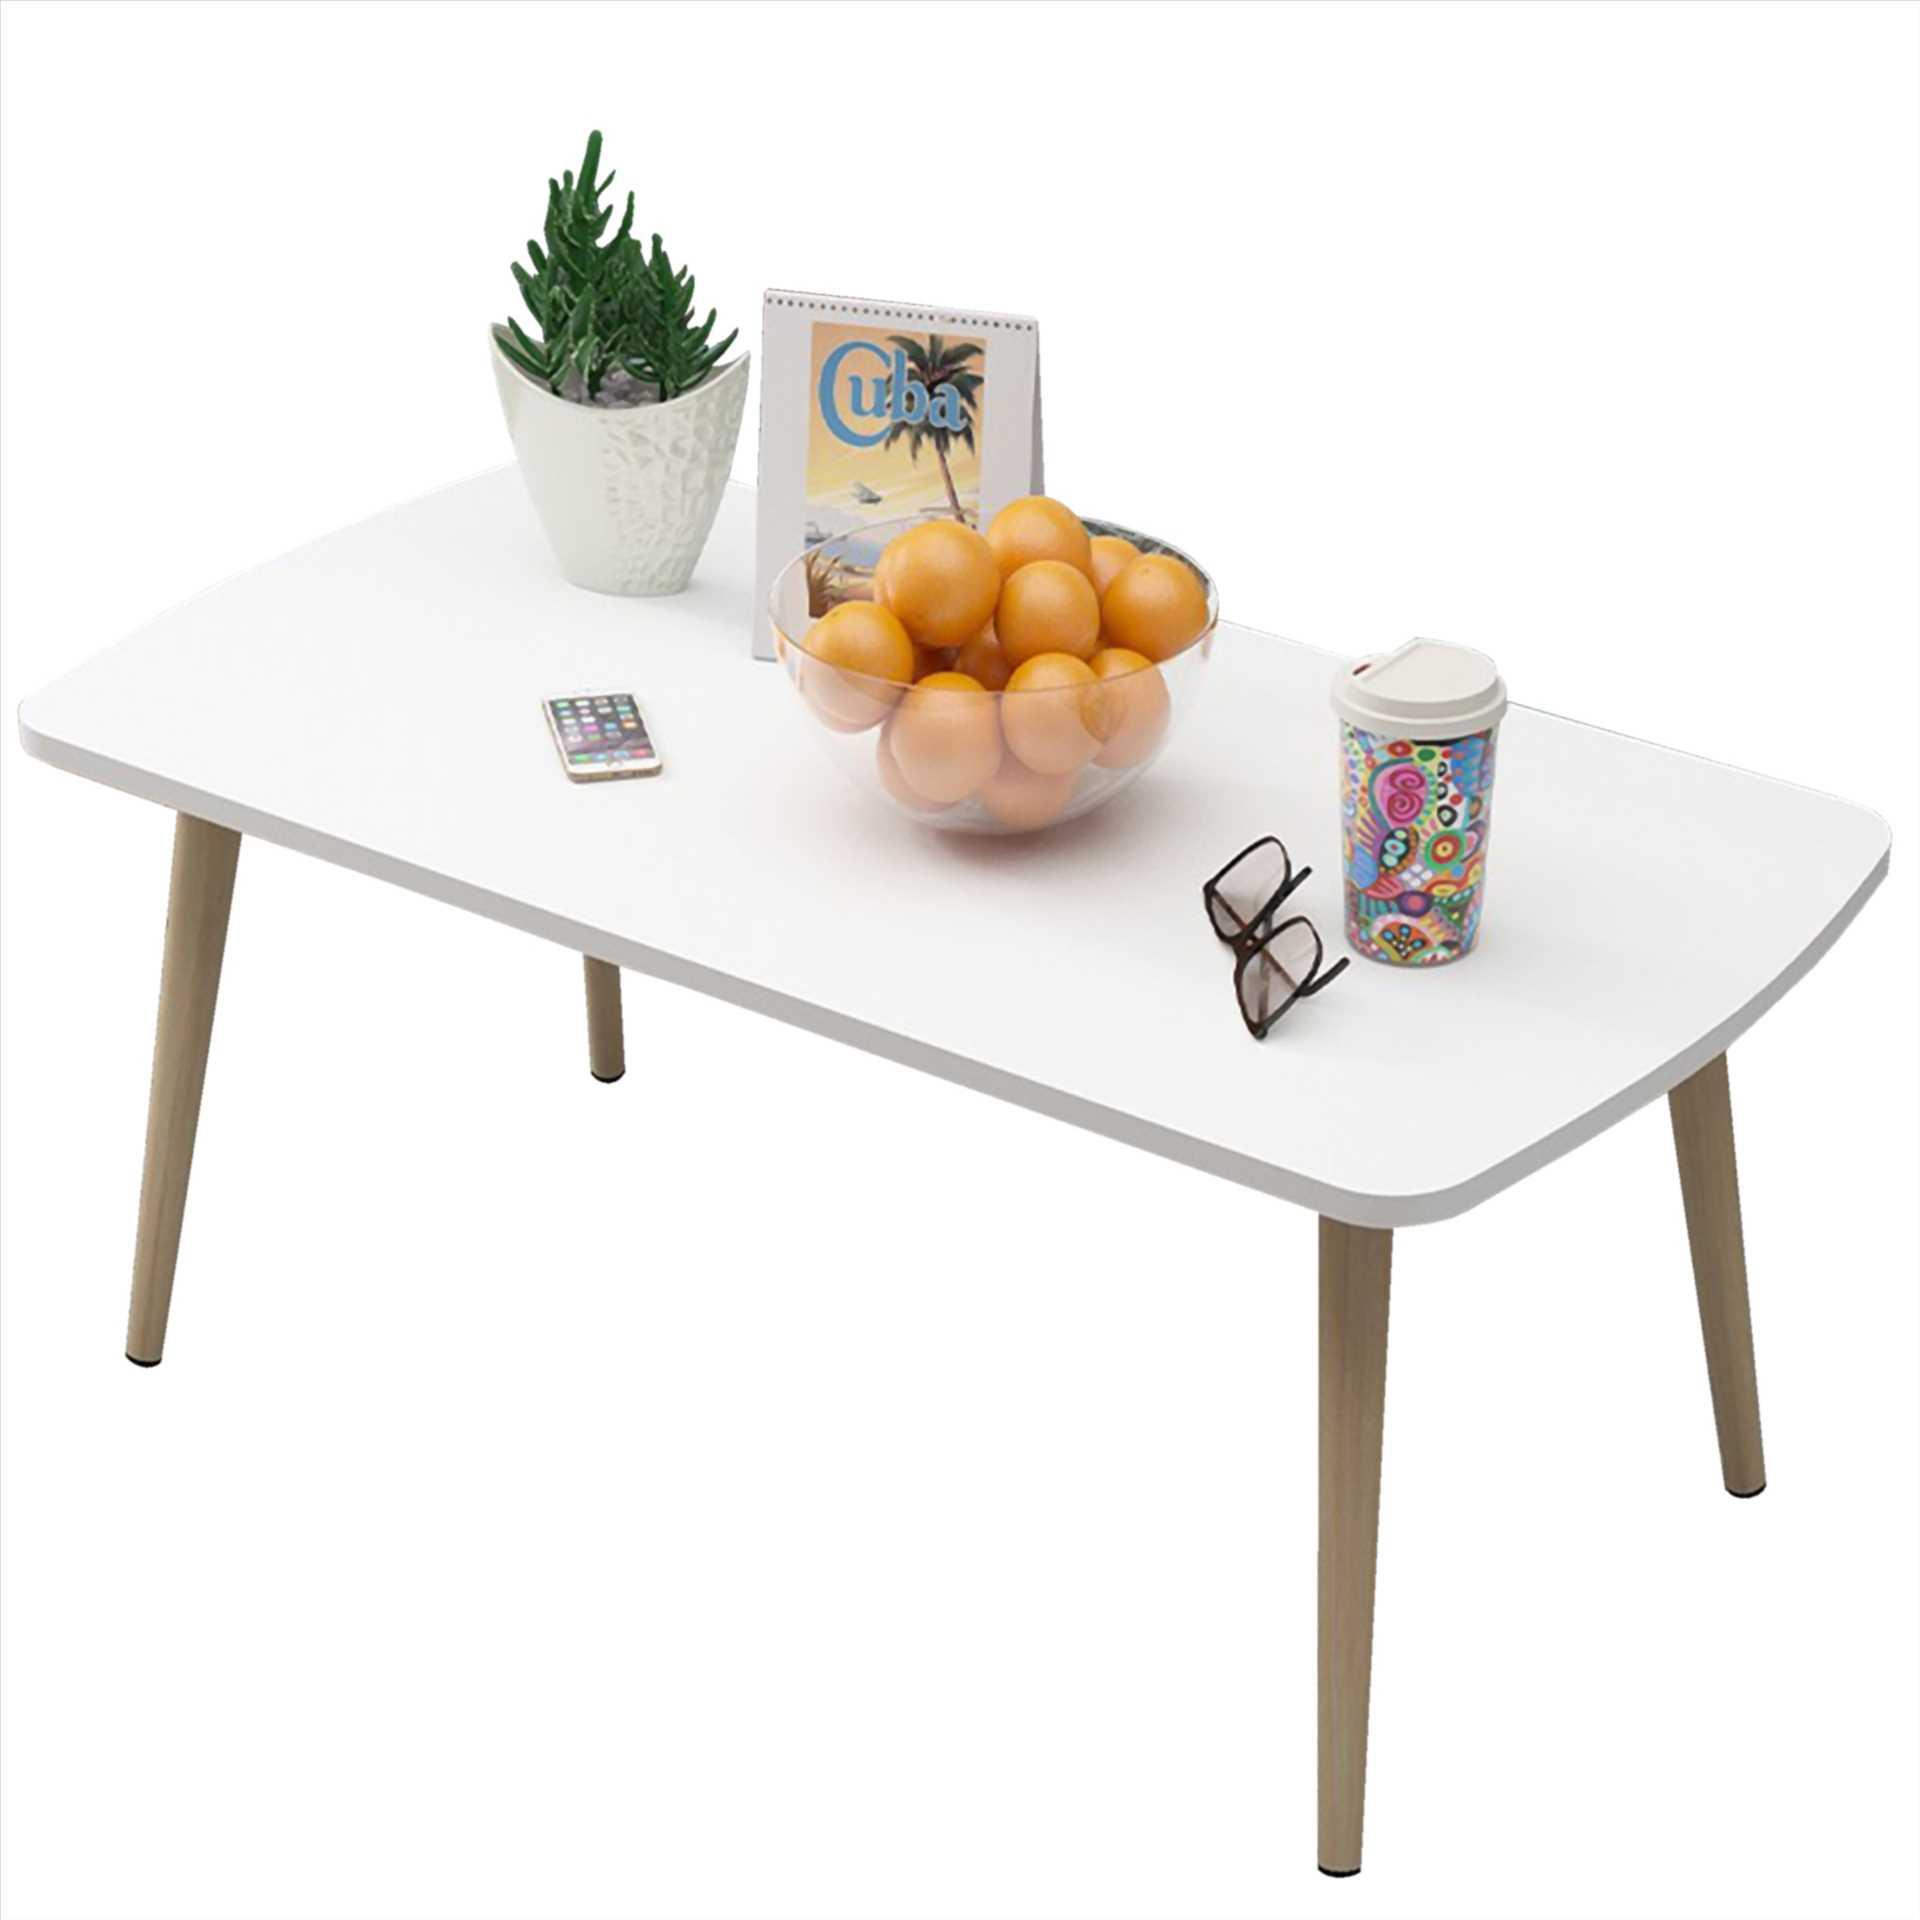 שולחן אירוח דגם ANAIS מבית MY CASA מיי קסה - תמונה 2